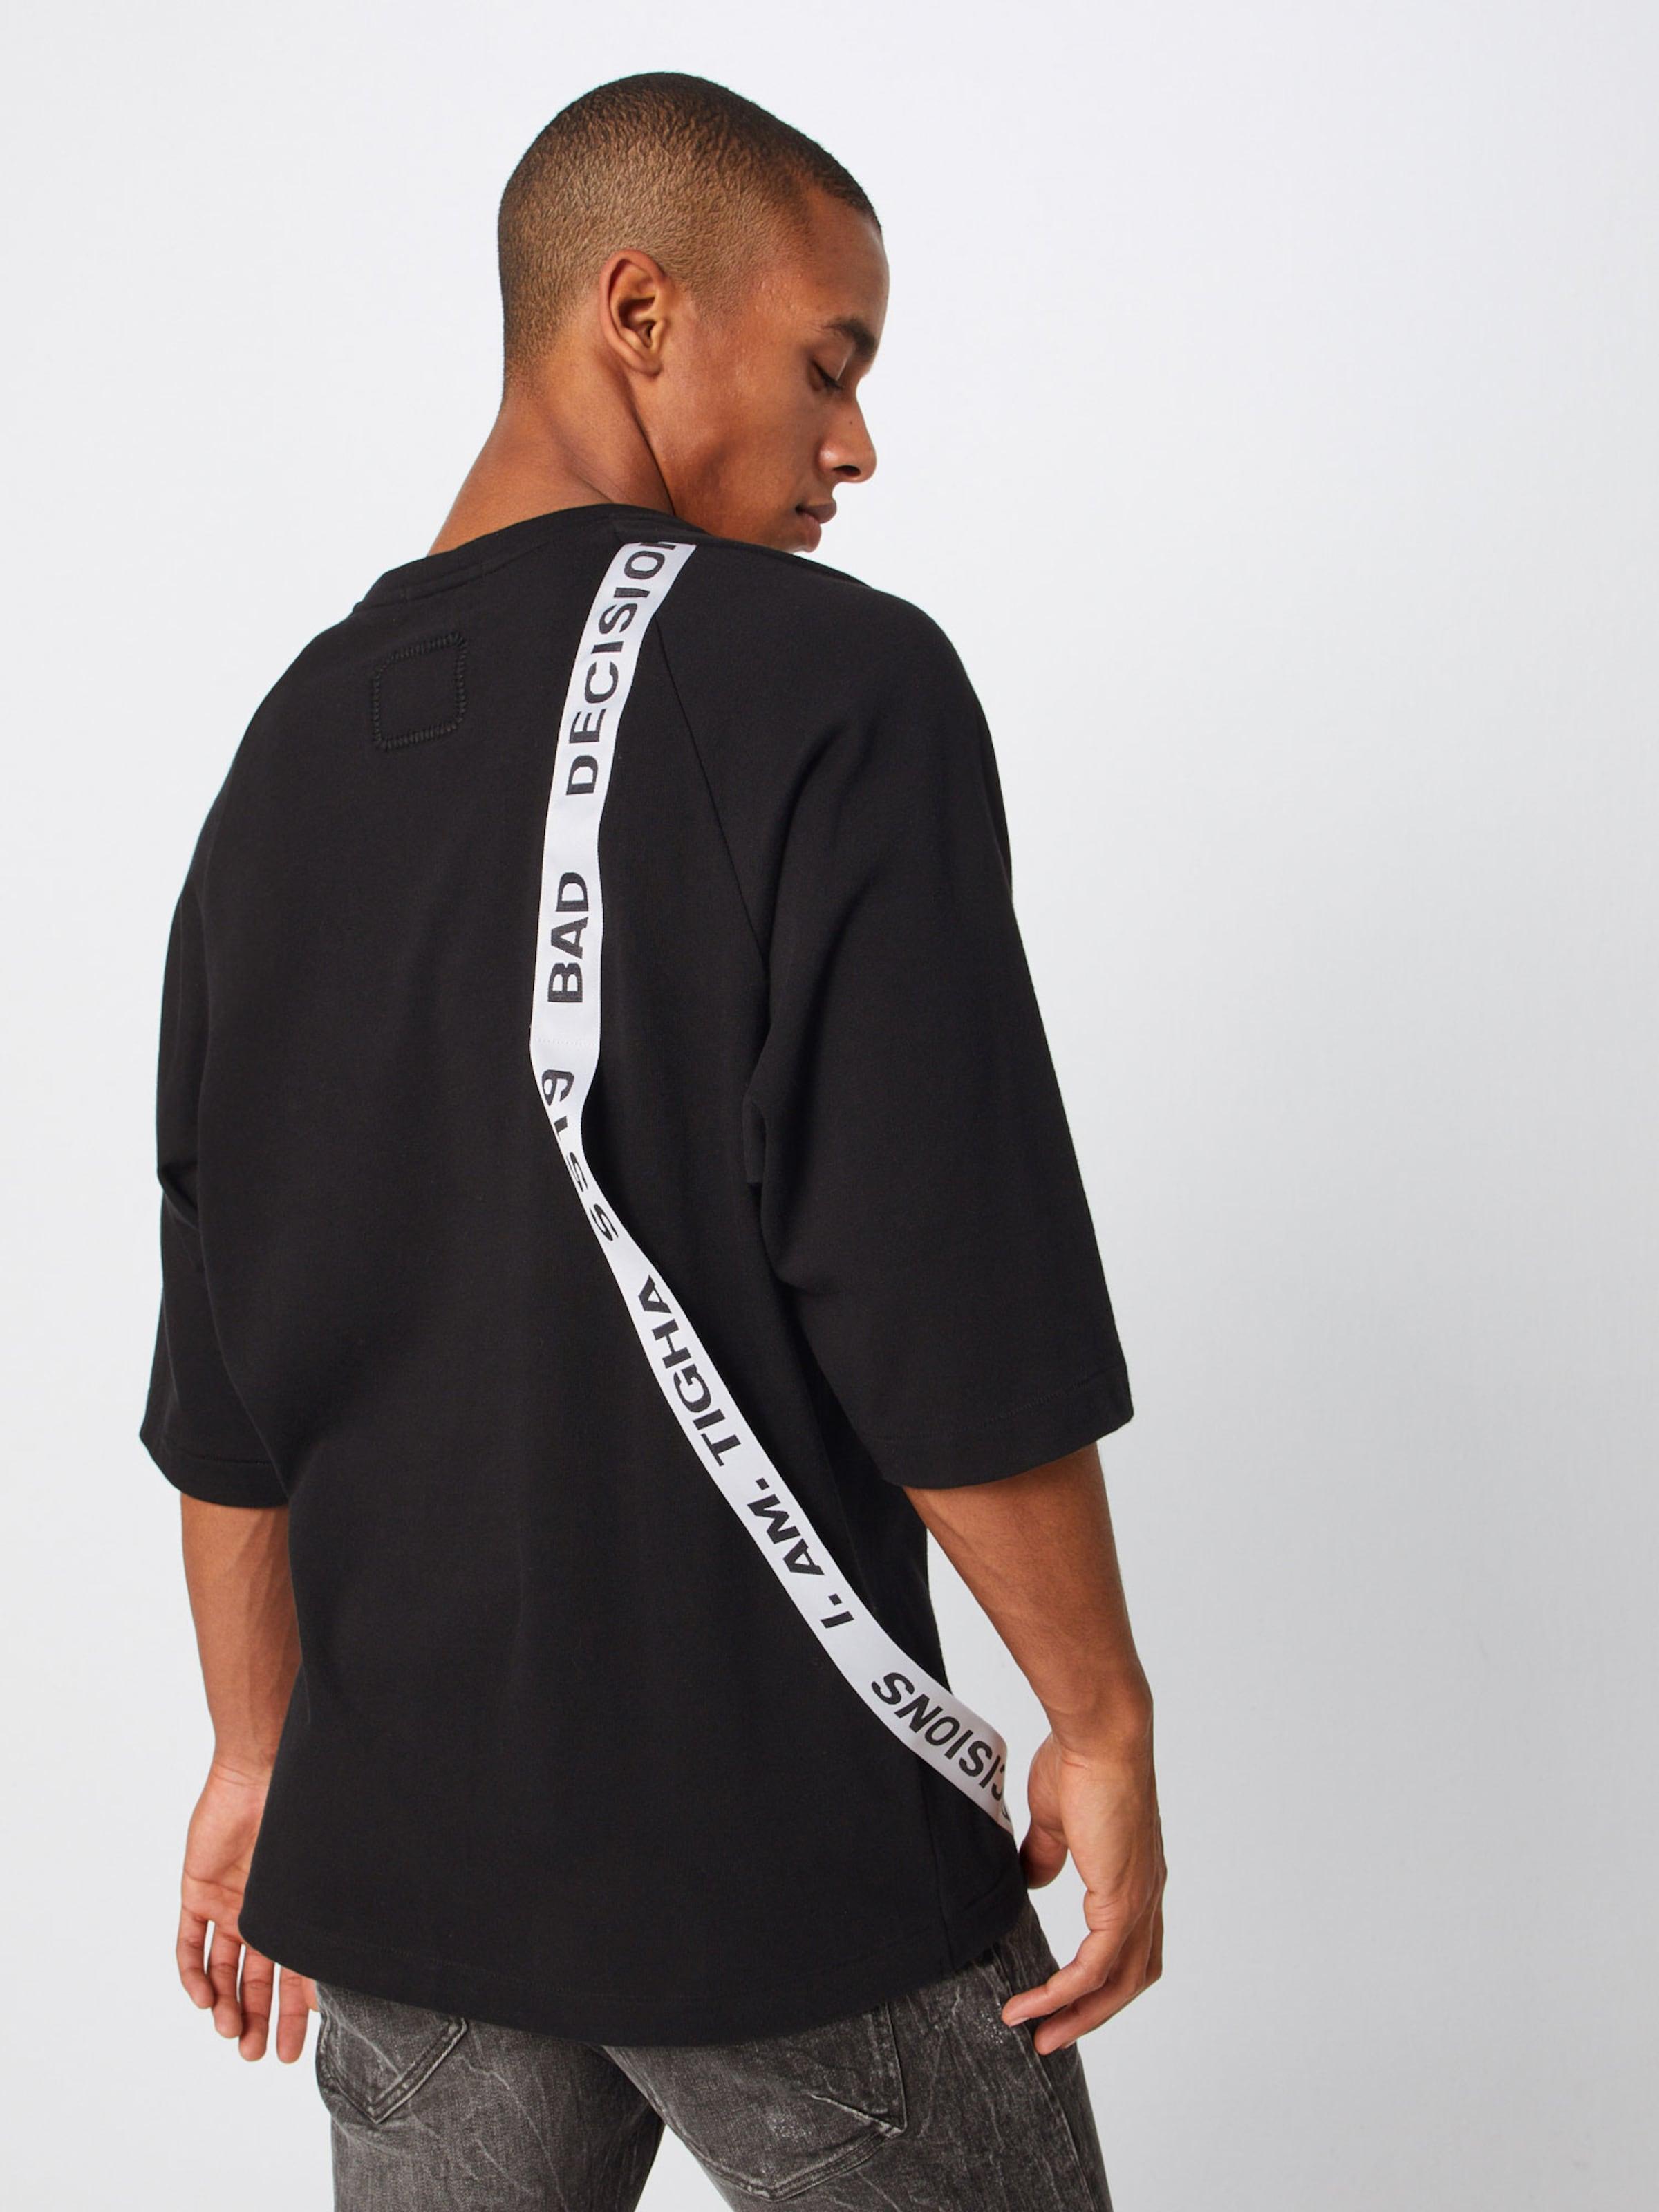 Shirt Schwarz Tigha 'lucas' Tigha Shirt In q5Aj4RL3